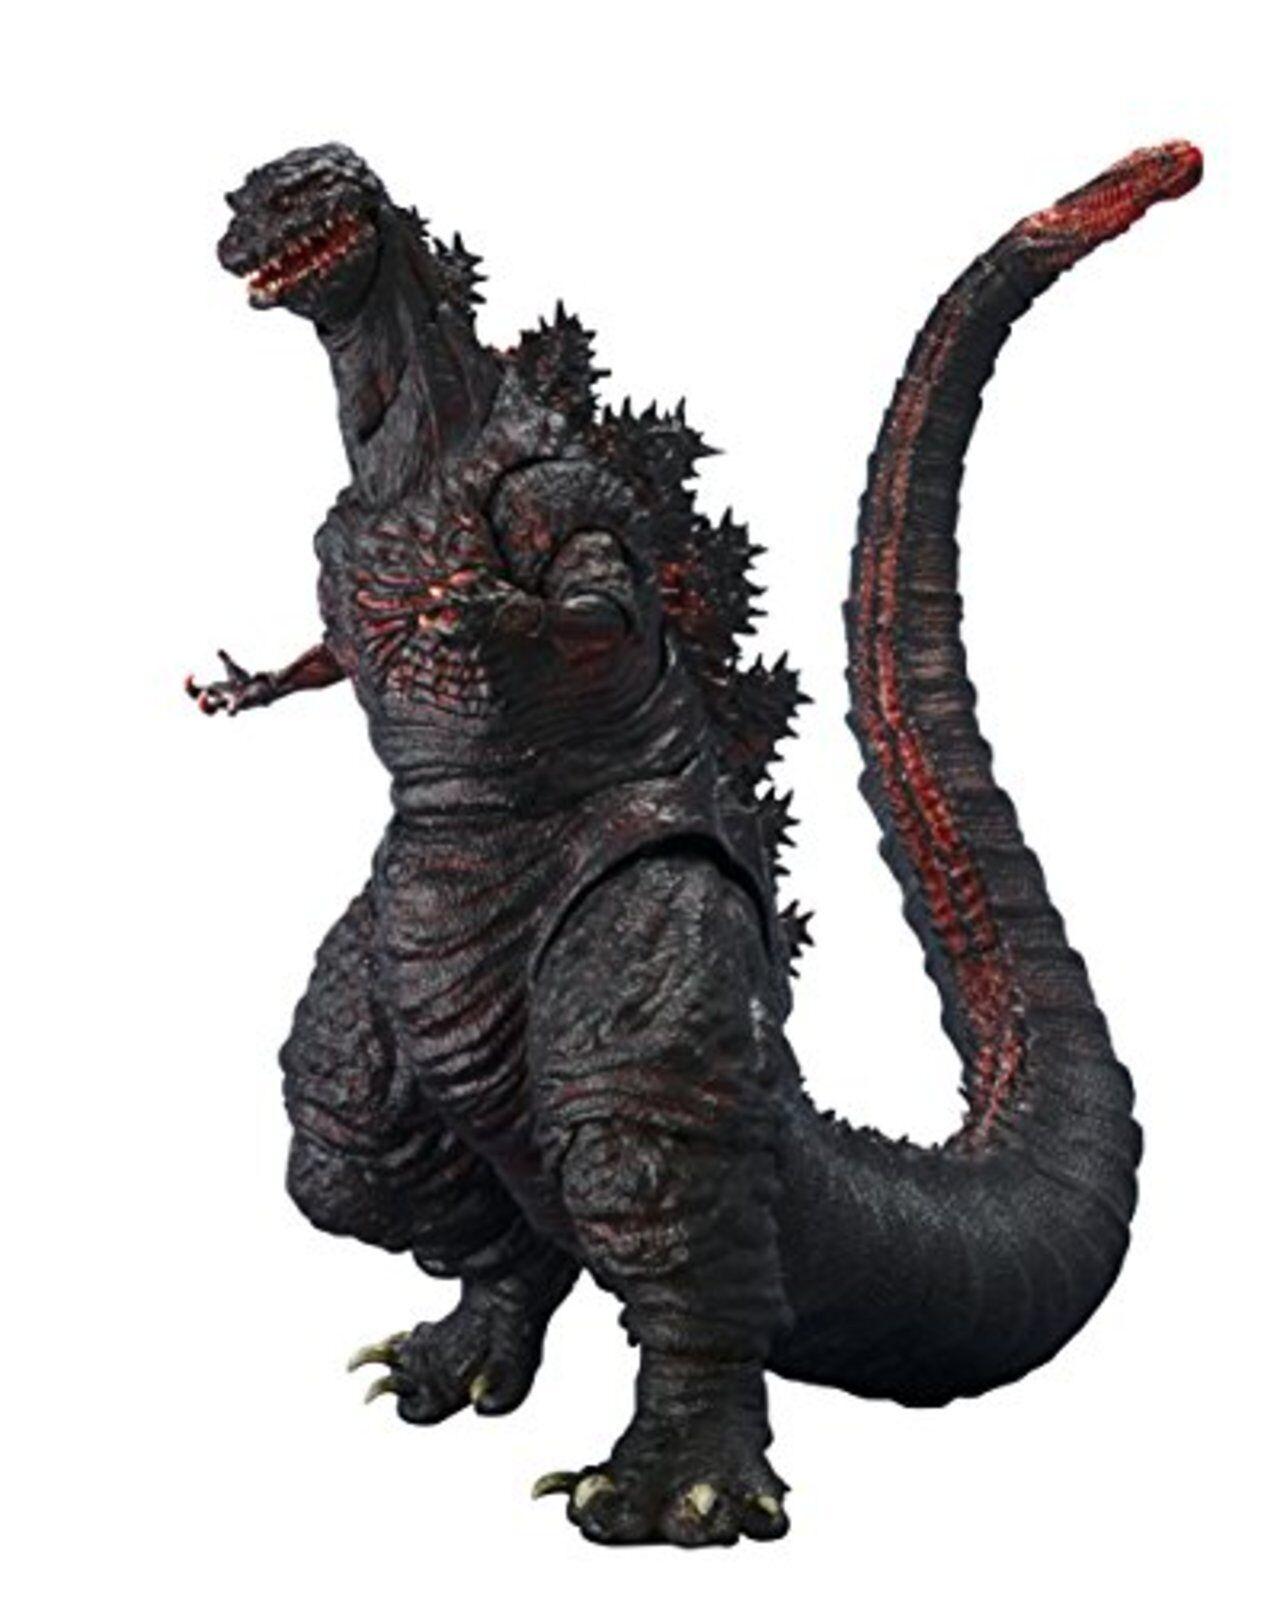 Pecado Godzilla 2016 S. H. Montruo Figura de Acción 180mm Nuevo de Japón